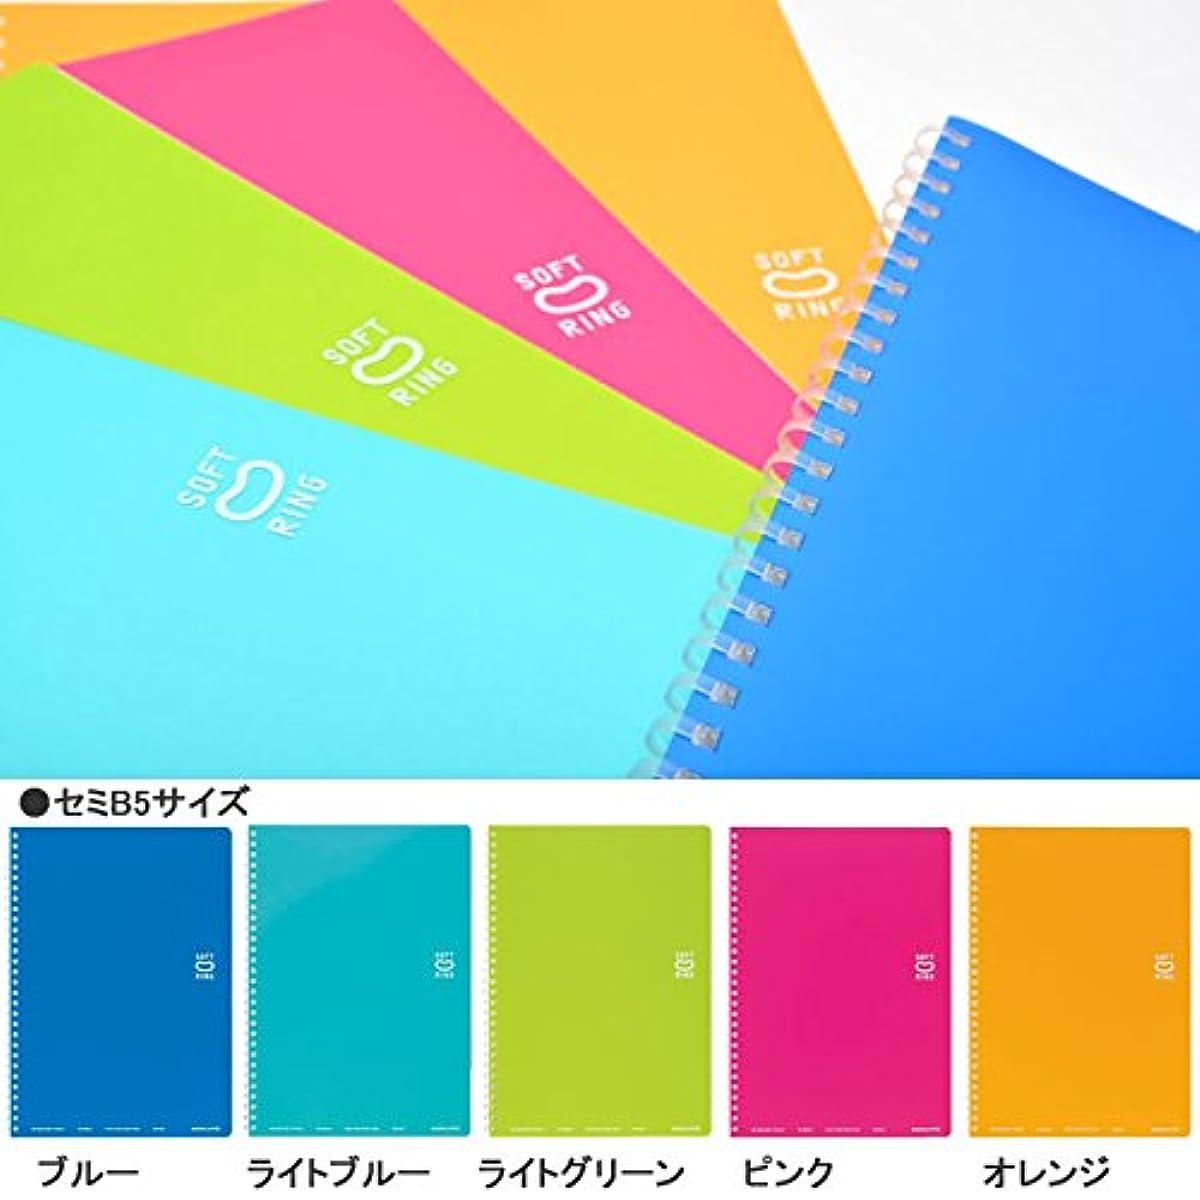 [해외] 코쿠요 소프트링 노트 세미 B5 5색 세트